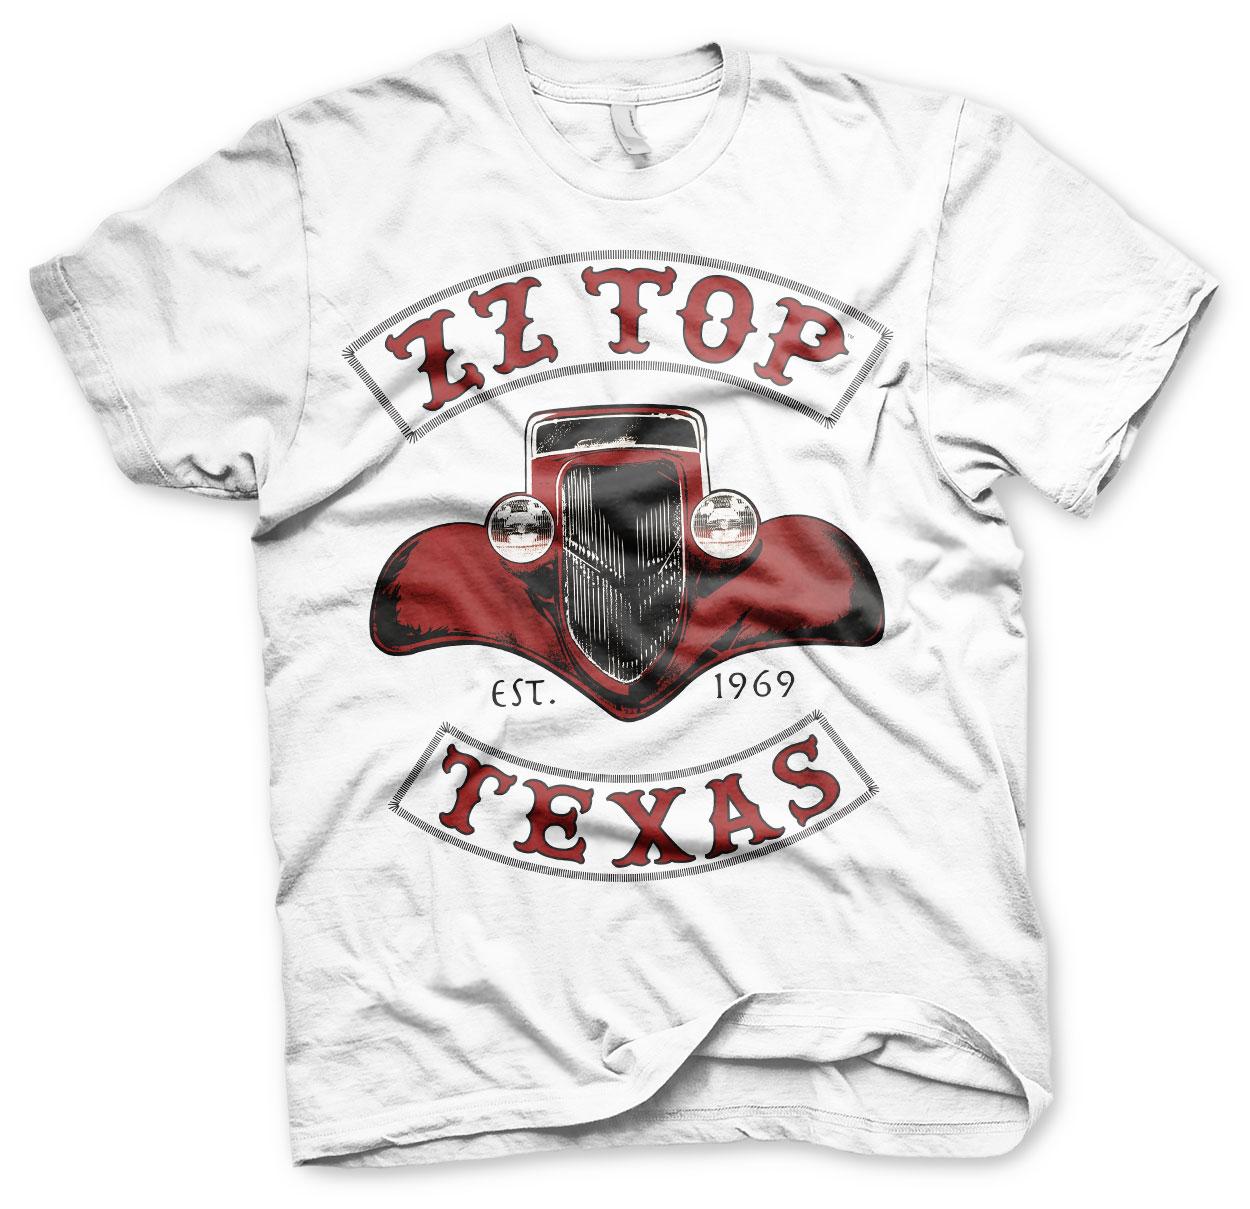 ZZ-Top - Texas 1962 T-Shirt